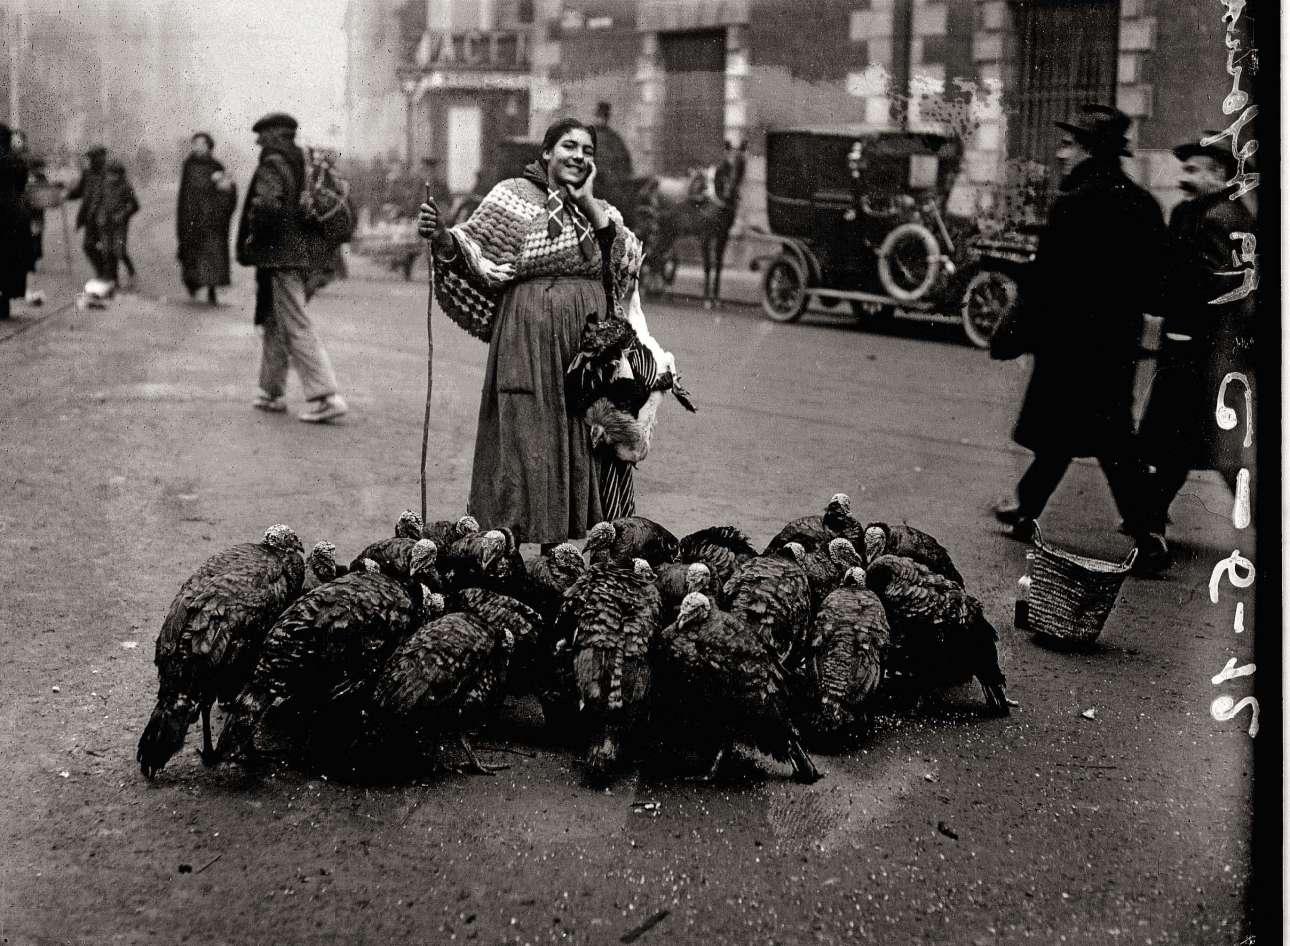 Γυναίκα πουλάει γαλοπούλες στην πλατεία Σάντα Κρουθ, το 1925. Καθώς η τεχνολογία προχωρούσε, οι πρώτοι φωτορεπόρτερ της Μαδρίτης, όπως ο Αλφόνσο, είχαν την ευκαιρία να συλλάβουν τη ζωή και την ατμόσφαιρα που επικρατούσε στους δρόμους της πόλης